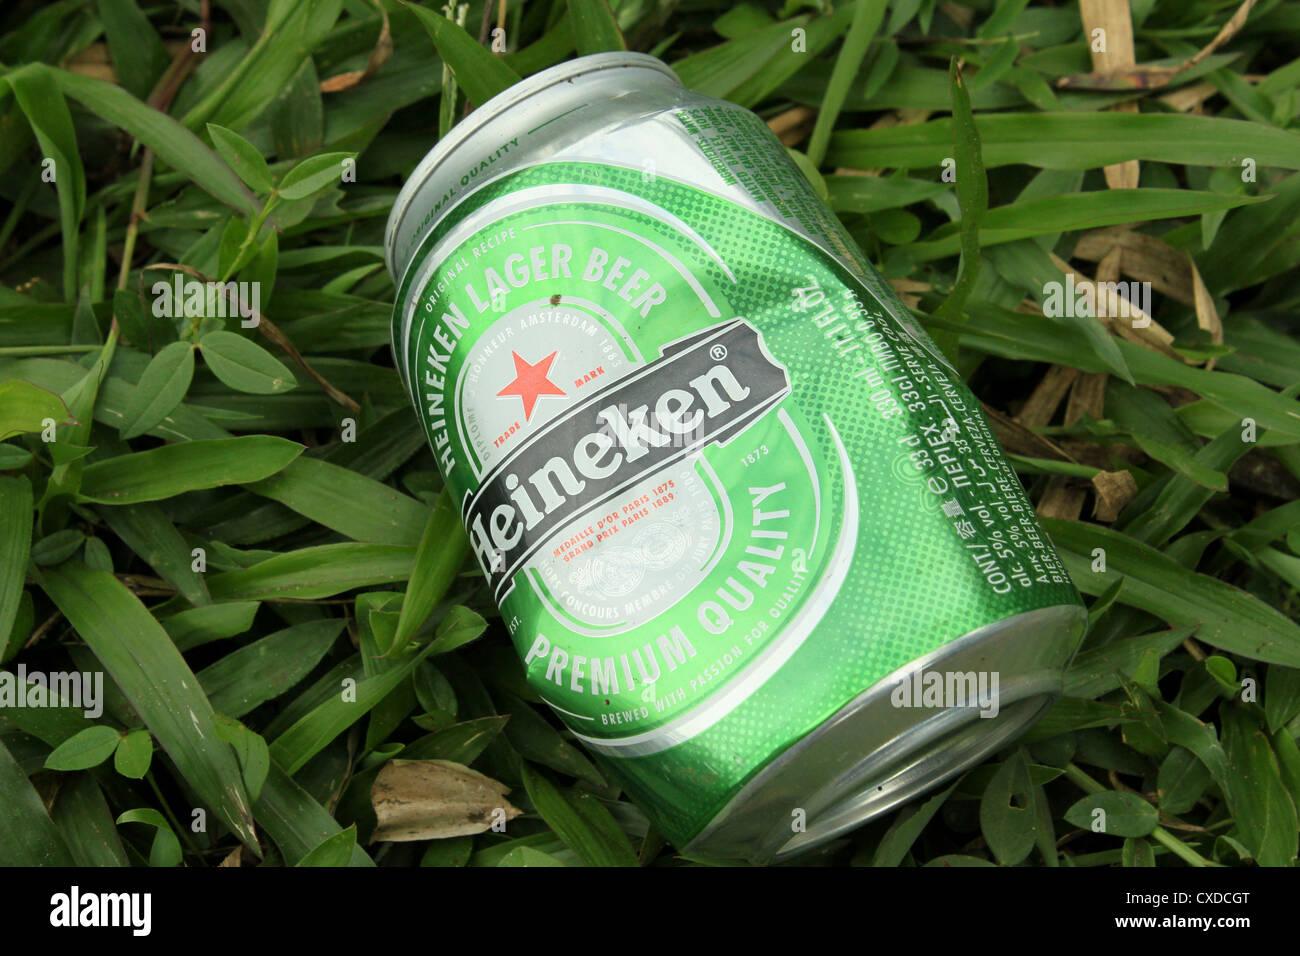 Heineken Lager Beer can grass - Stock Image